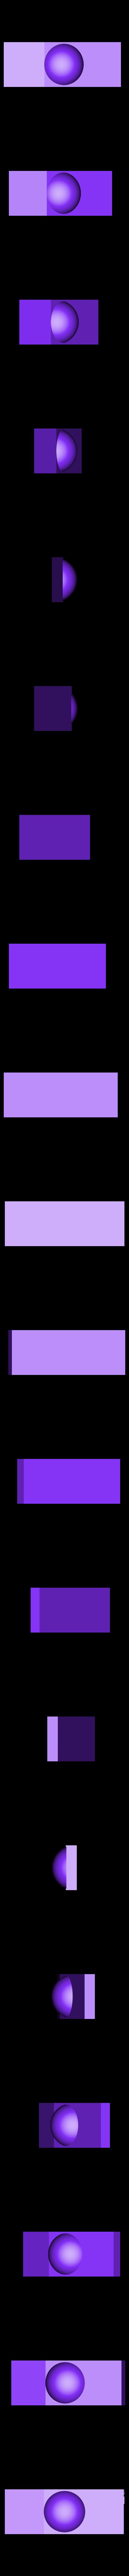 3_TopSurfaceQuality.stl Télécharger fichier STL gratuit Marque : 2017 Fichiers de test d'imprimante 3D • Objet pour imprimante 3D, MAKE